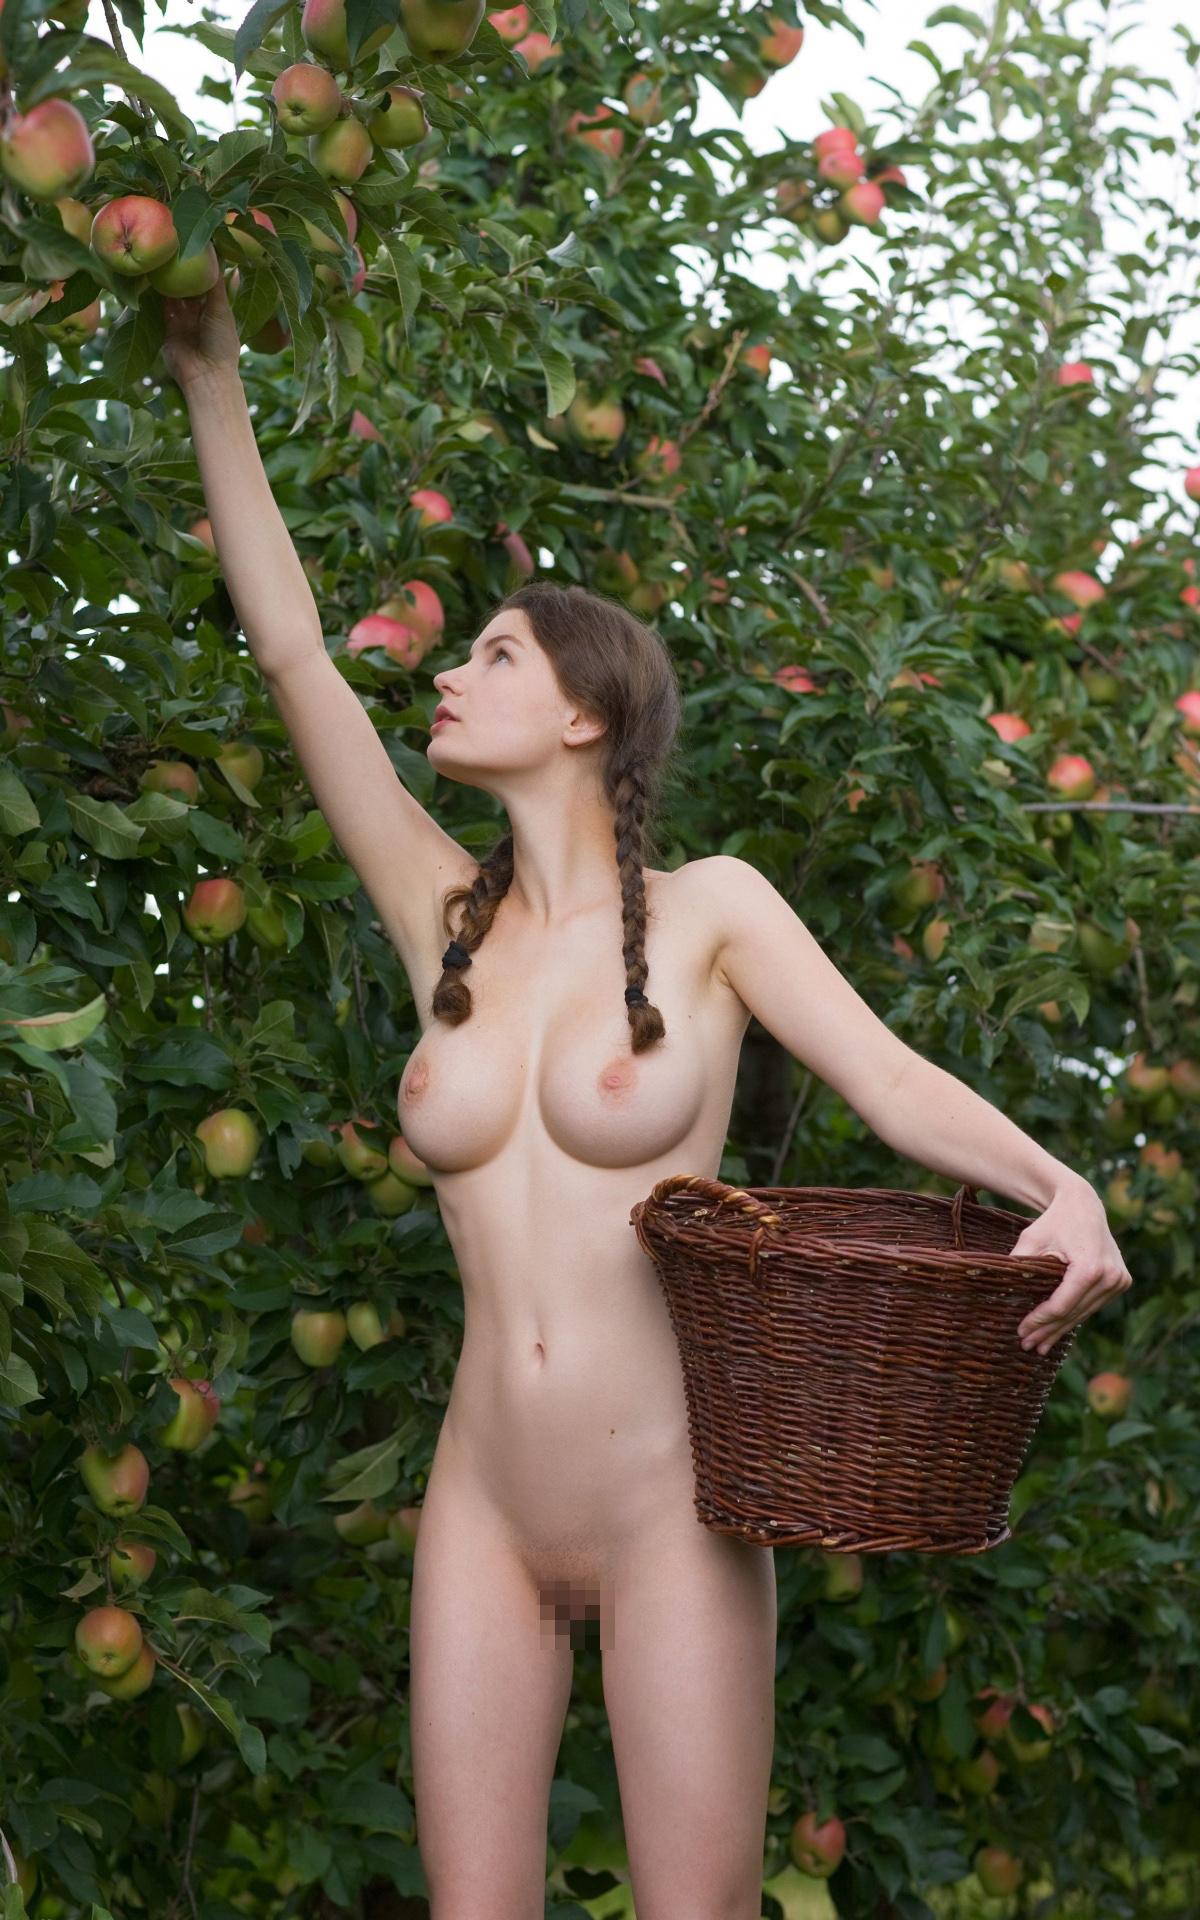 【海外エロ画像】巨乳で細身が当たり前!レベル高すぎ碧眼の裸女たちwww 27